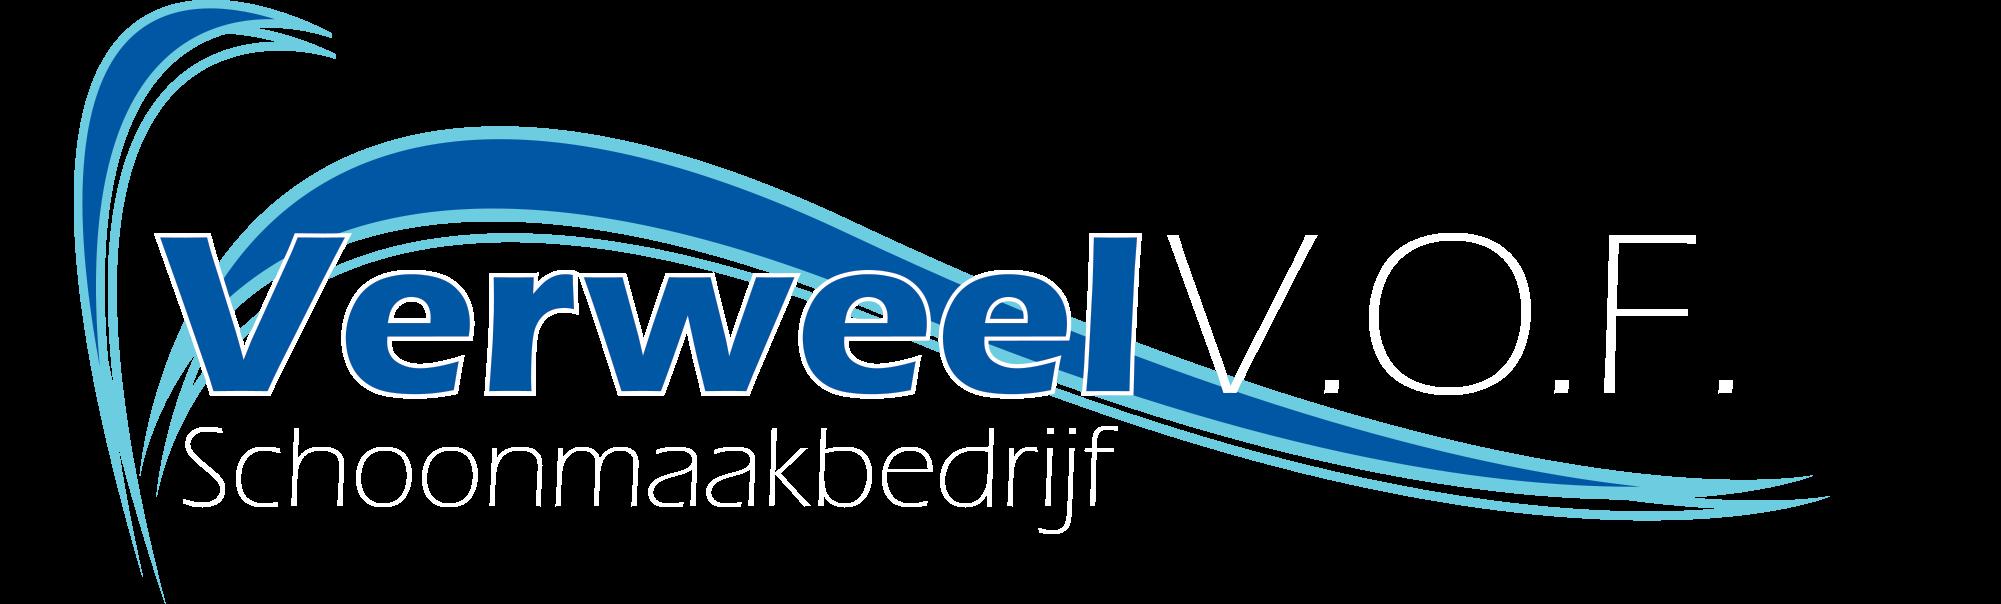 Verweel